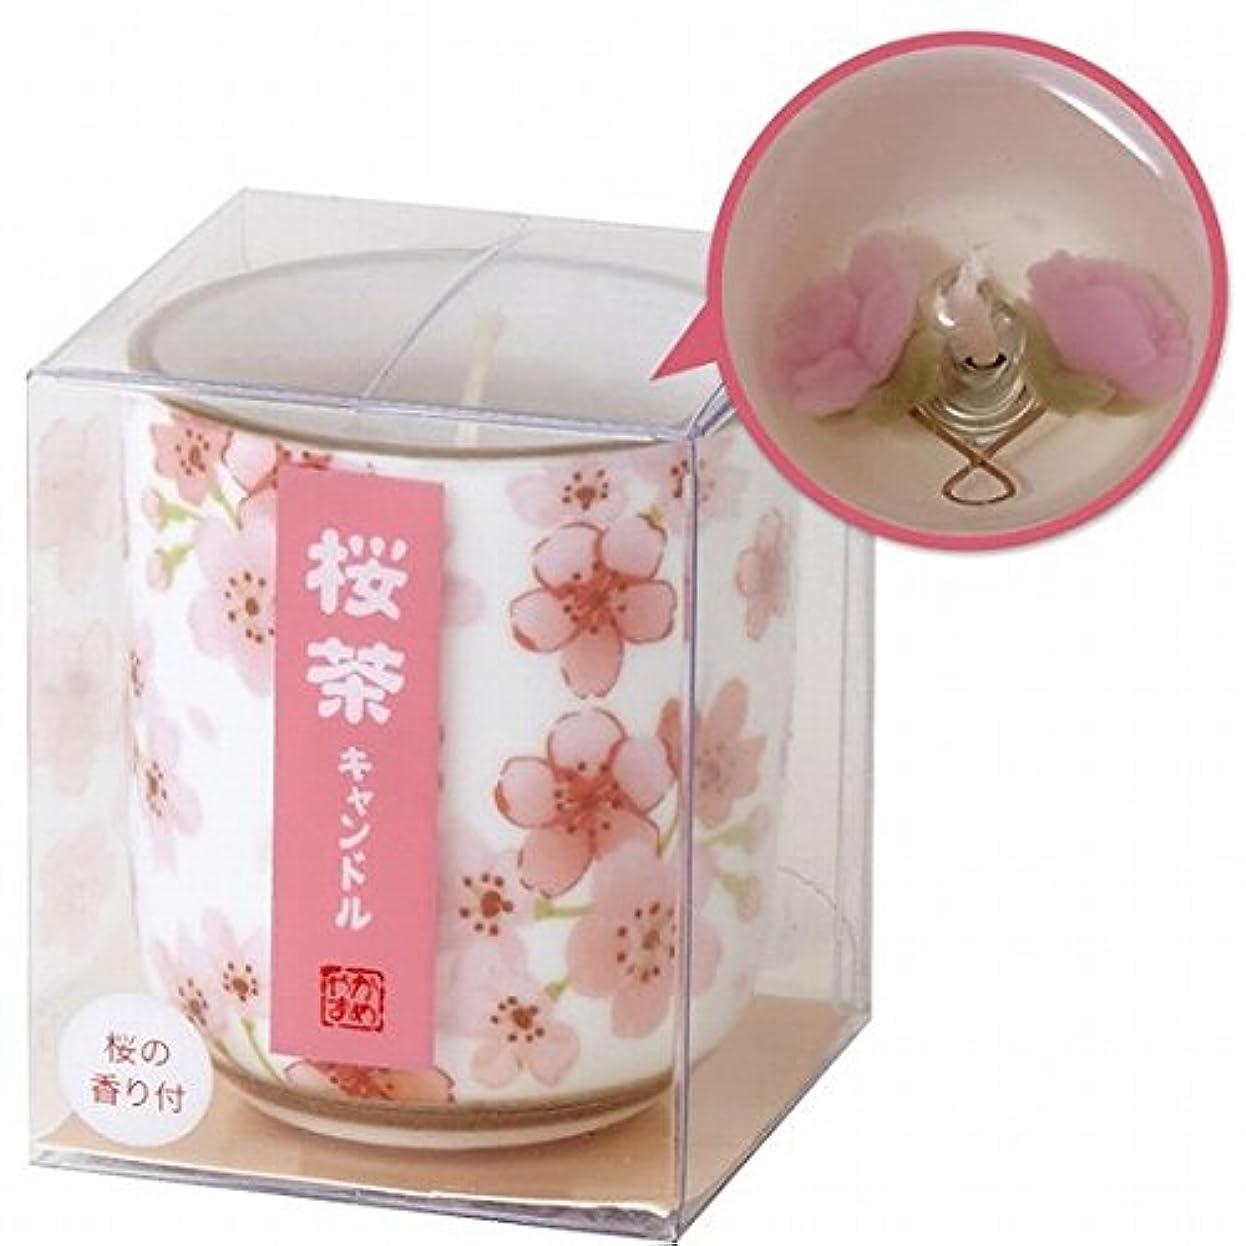 スイングバウンス海外kameyama candle(カメヤマキャンドル) 桜茶キャンドル(小)6個セット(86580010)